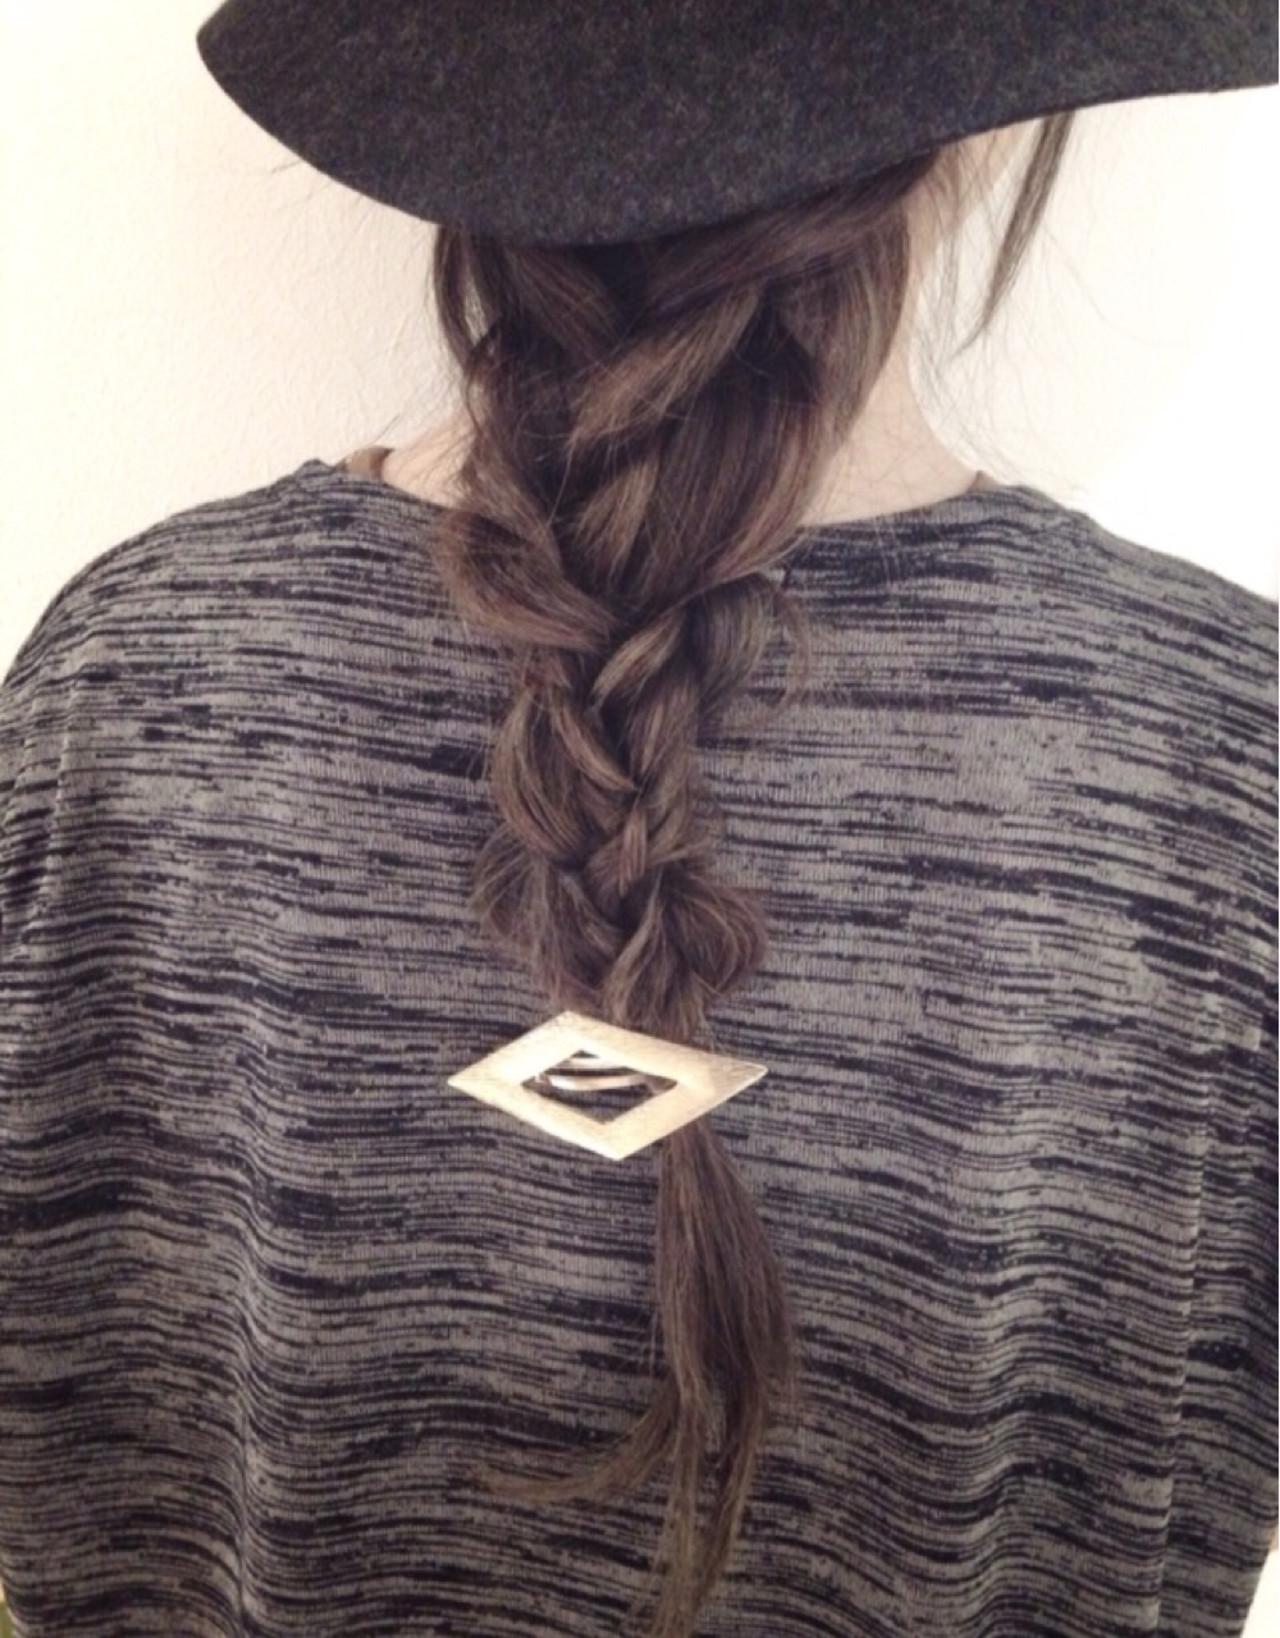 ロング ヘアアレンジ 簡単ヘアアレンジ ショート ヘアスタイルや髪型の写真・画像 | kanako / atelier NooK アトリエヌーク